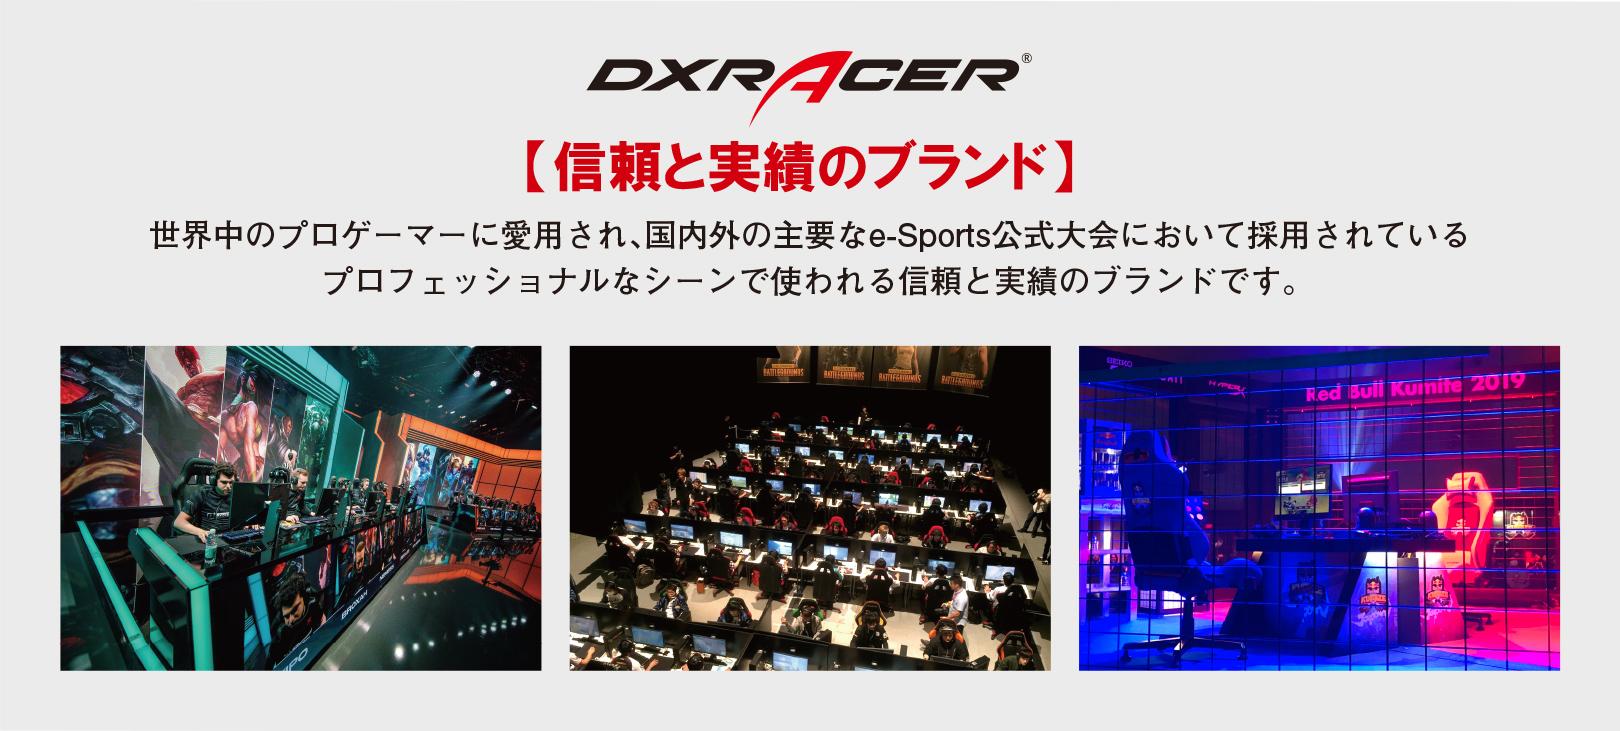 DXK06ブランド